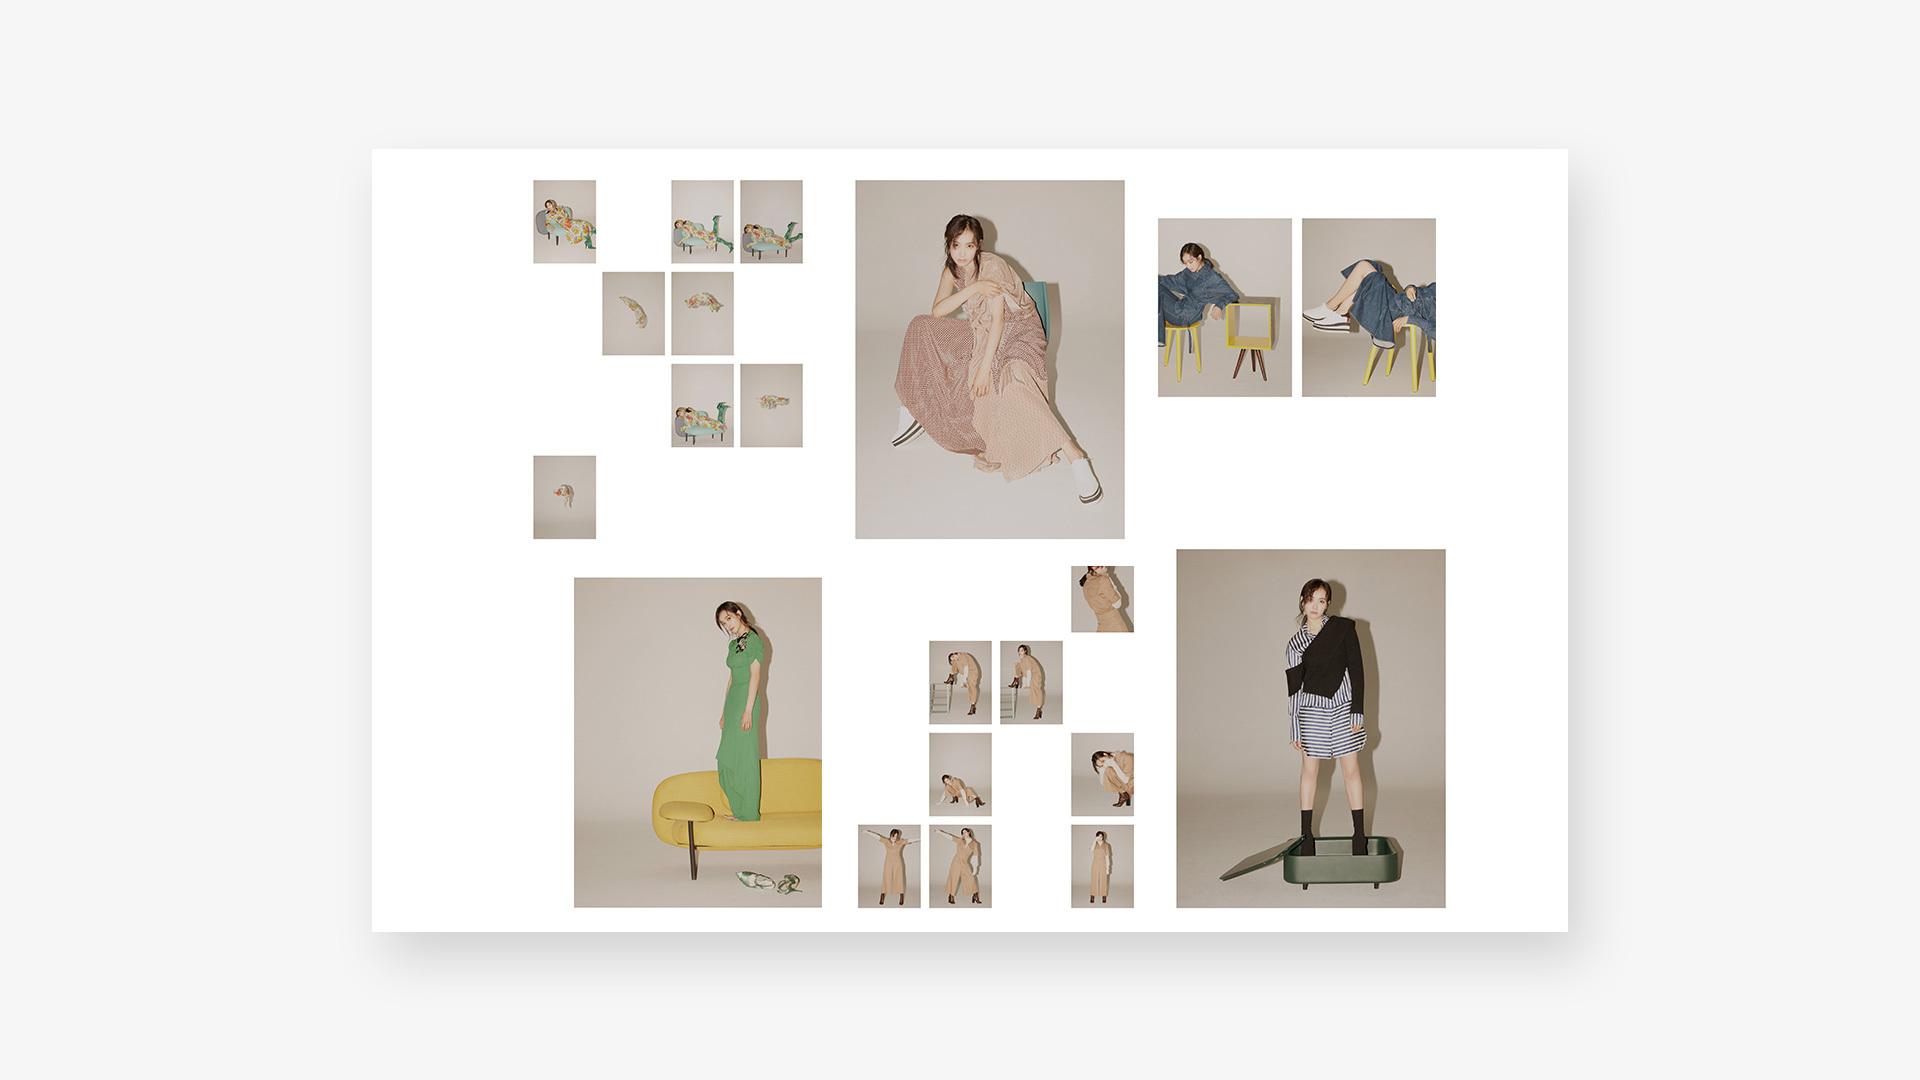 宋茜携手造作软糖沙发、画板格、谜盒、丝绸椅、内阁、豌豆椅六件大师作品,演绎时尚与摩登的巅峰对决,惊艳你的视觉